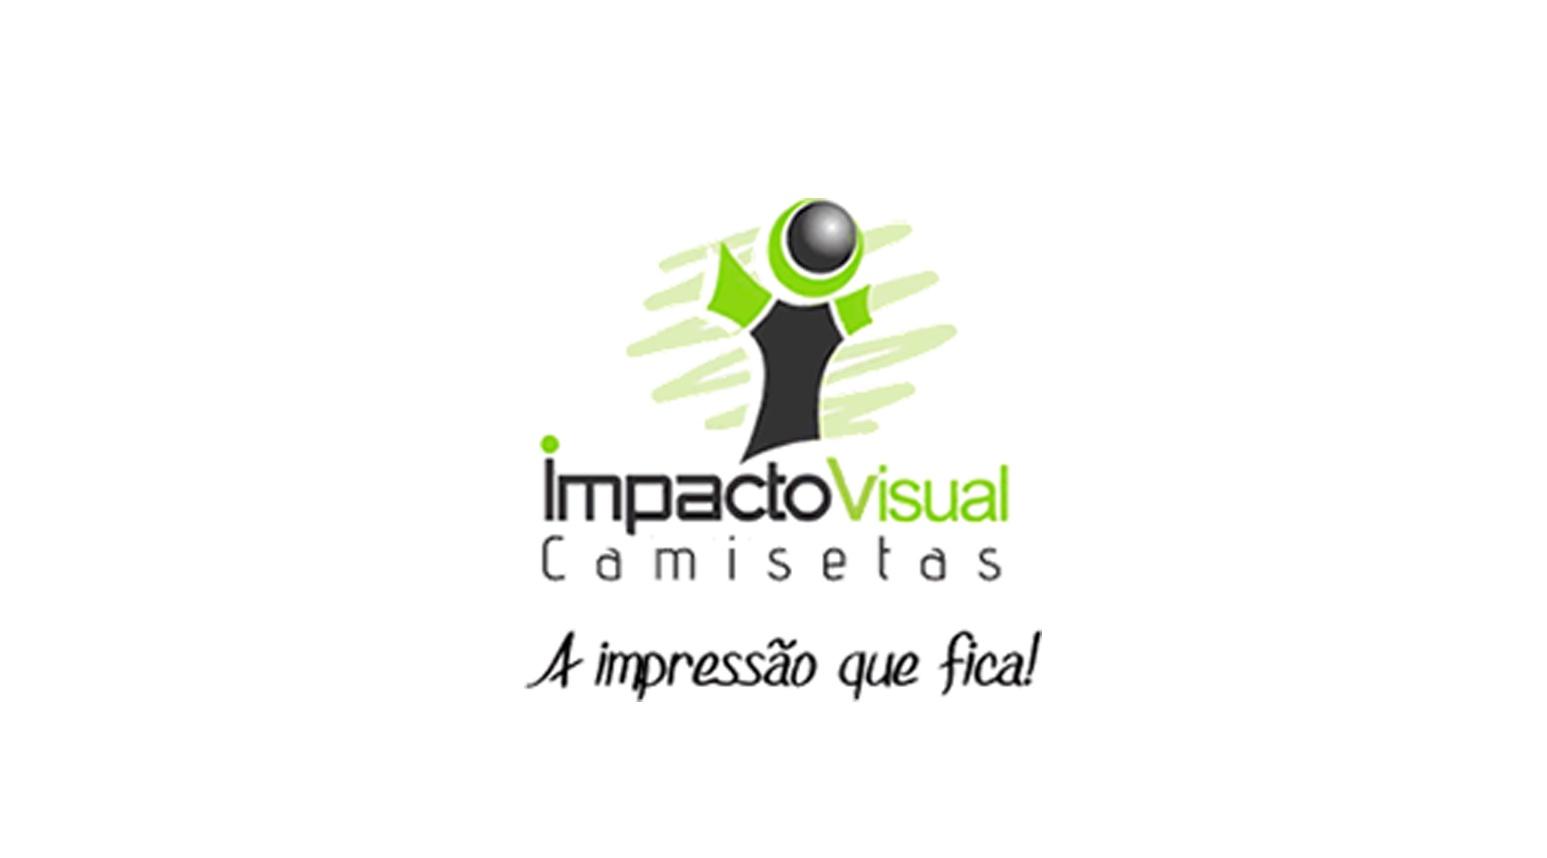 Impacto Visual Camisetas - Sindvest 09fee96eee3da